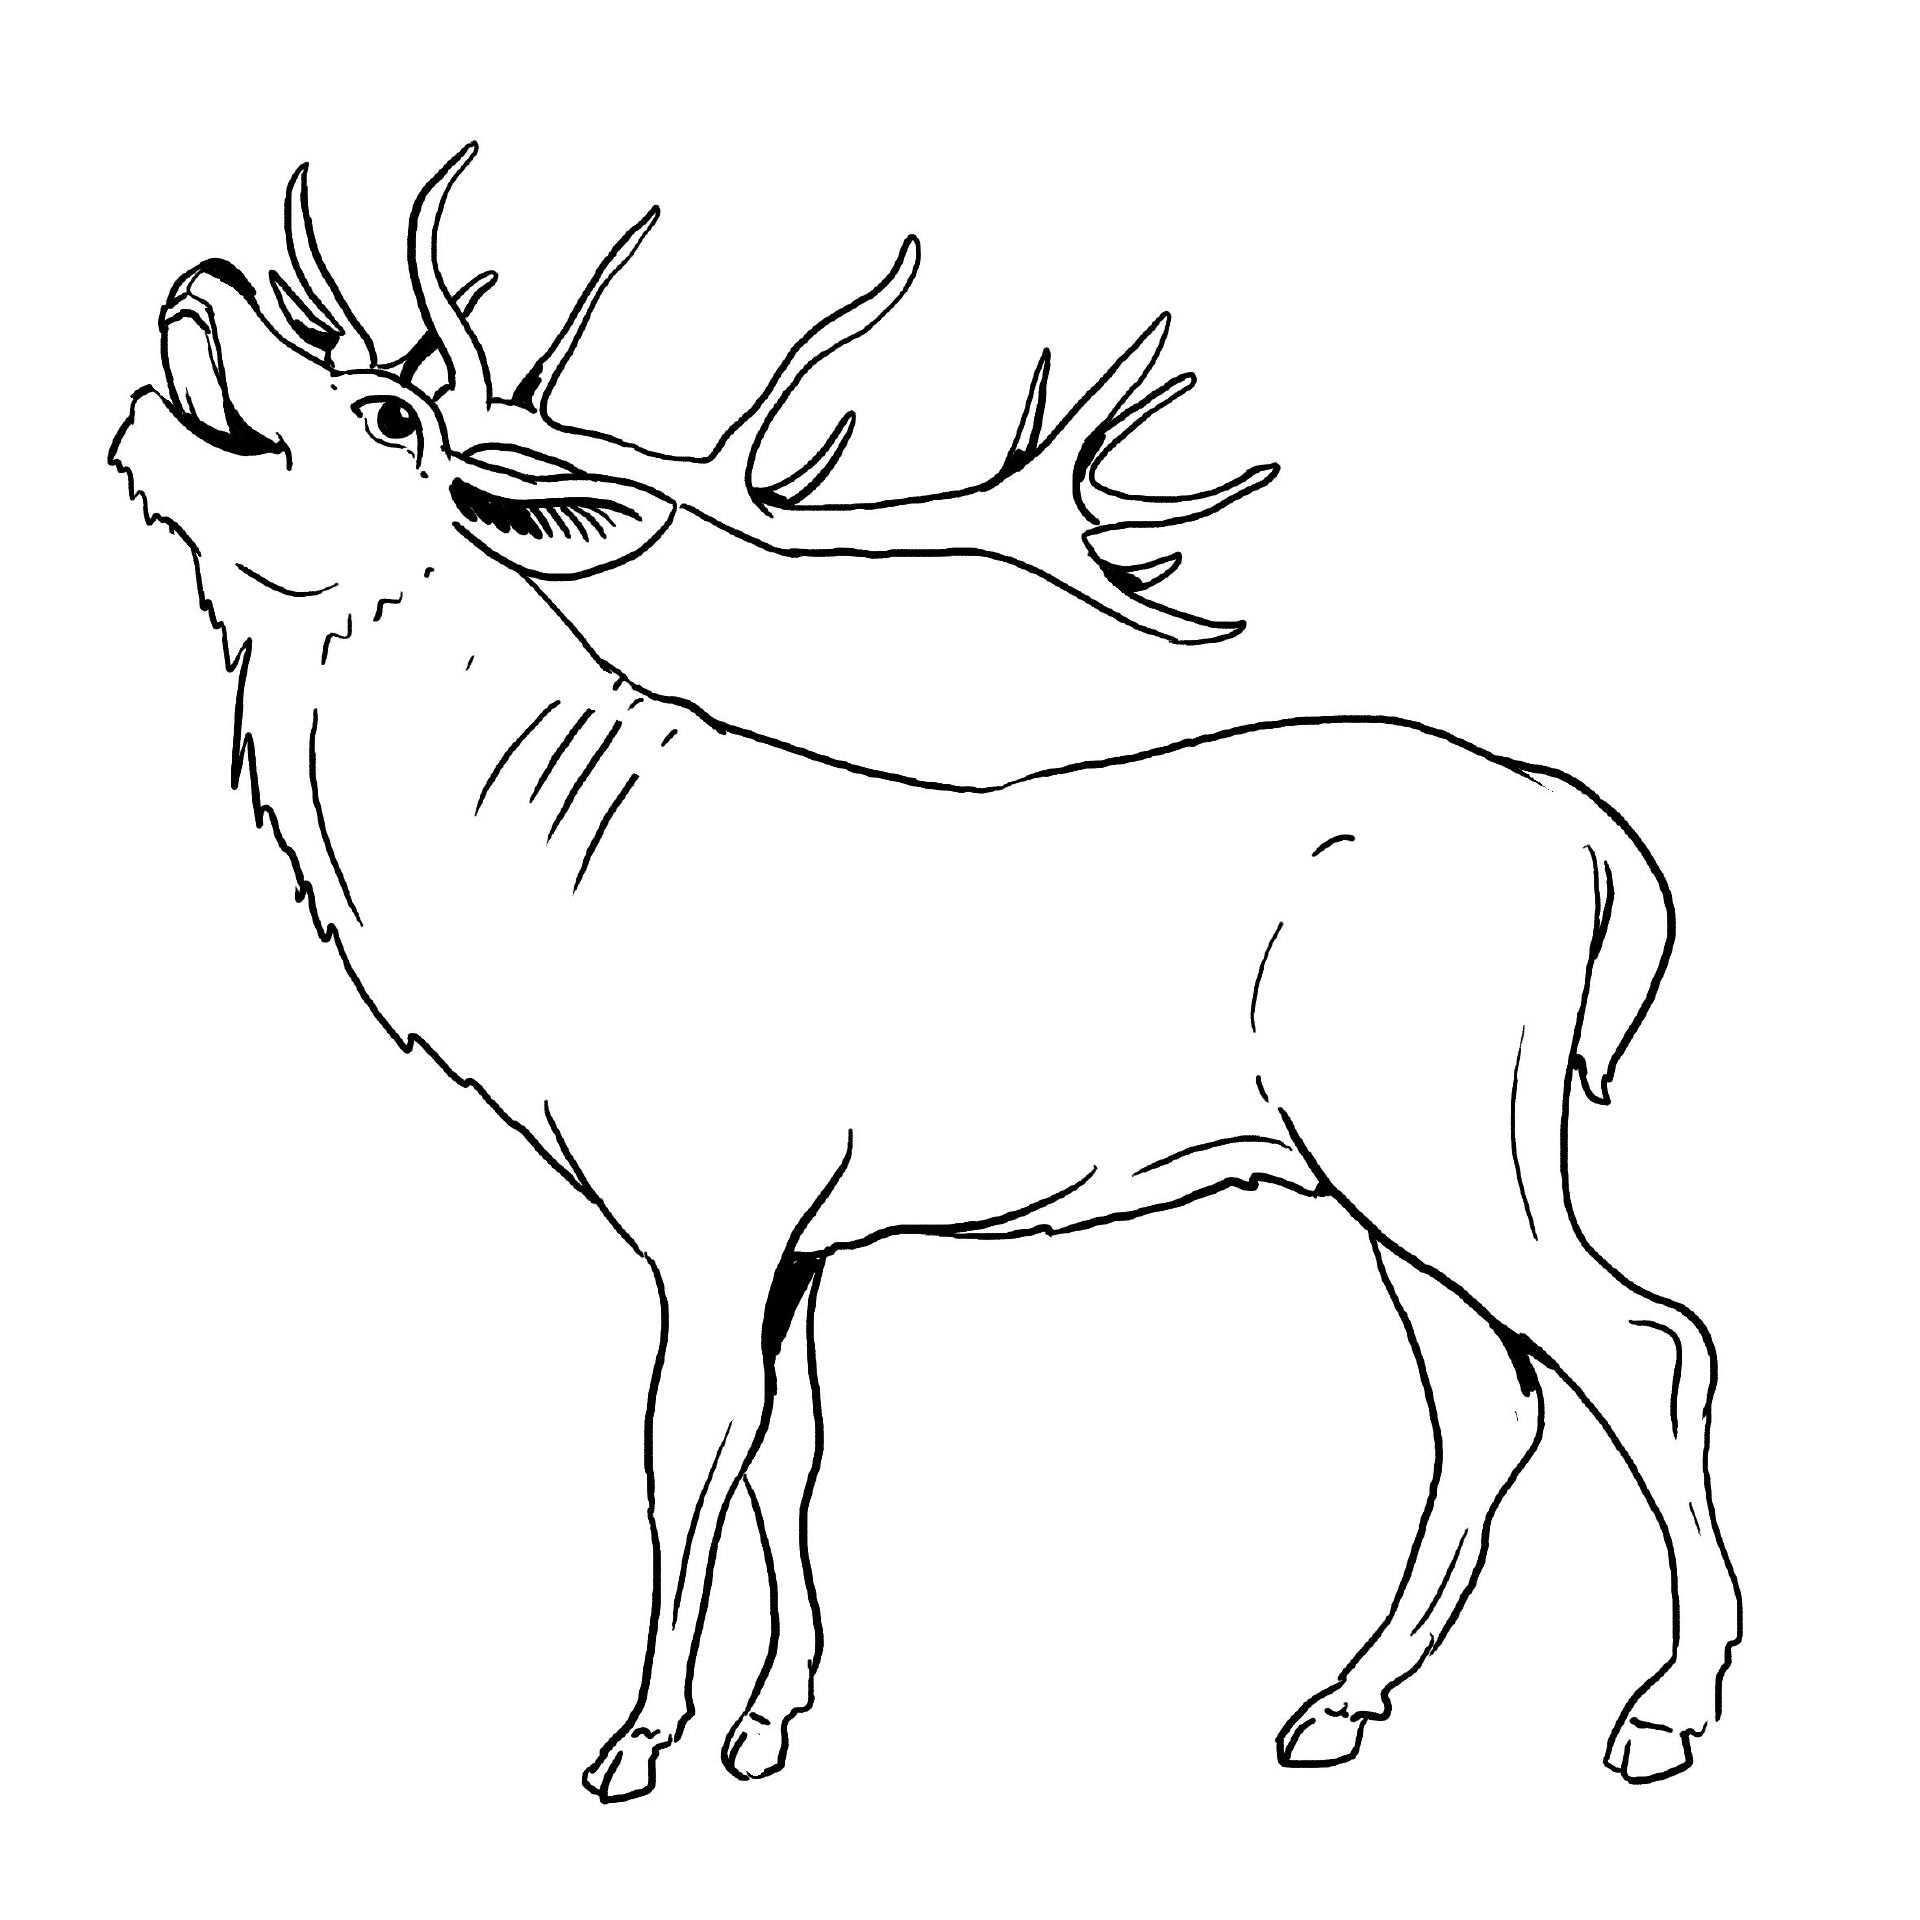 Elch Malvorlage Gratis Coloring Art Photography Illustration Ausmalbilder Tiere Malvorlagen Ausmalen